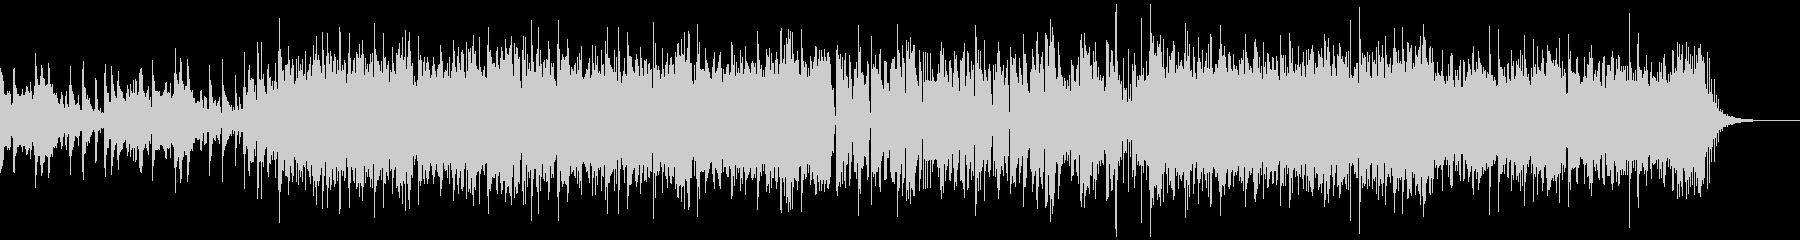 スタイリッシュな和風エレクトロニックの未再生の波形